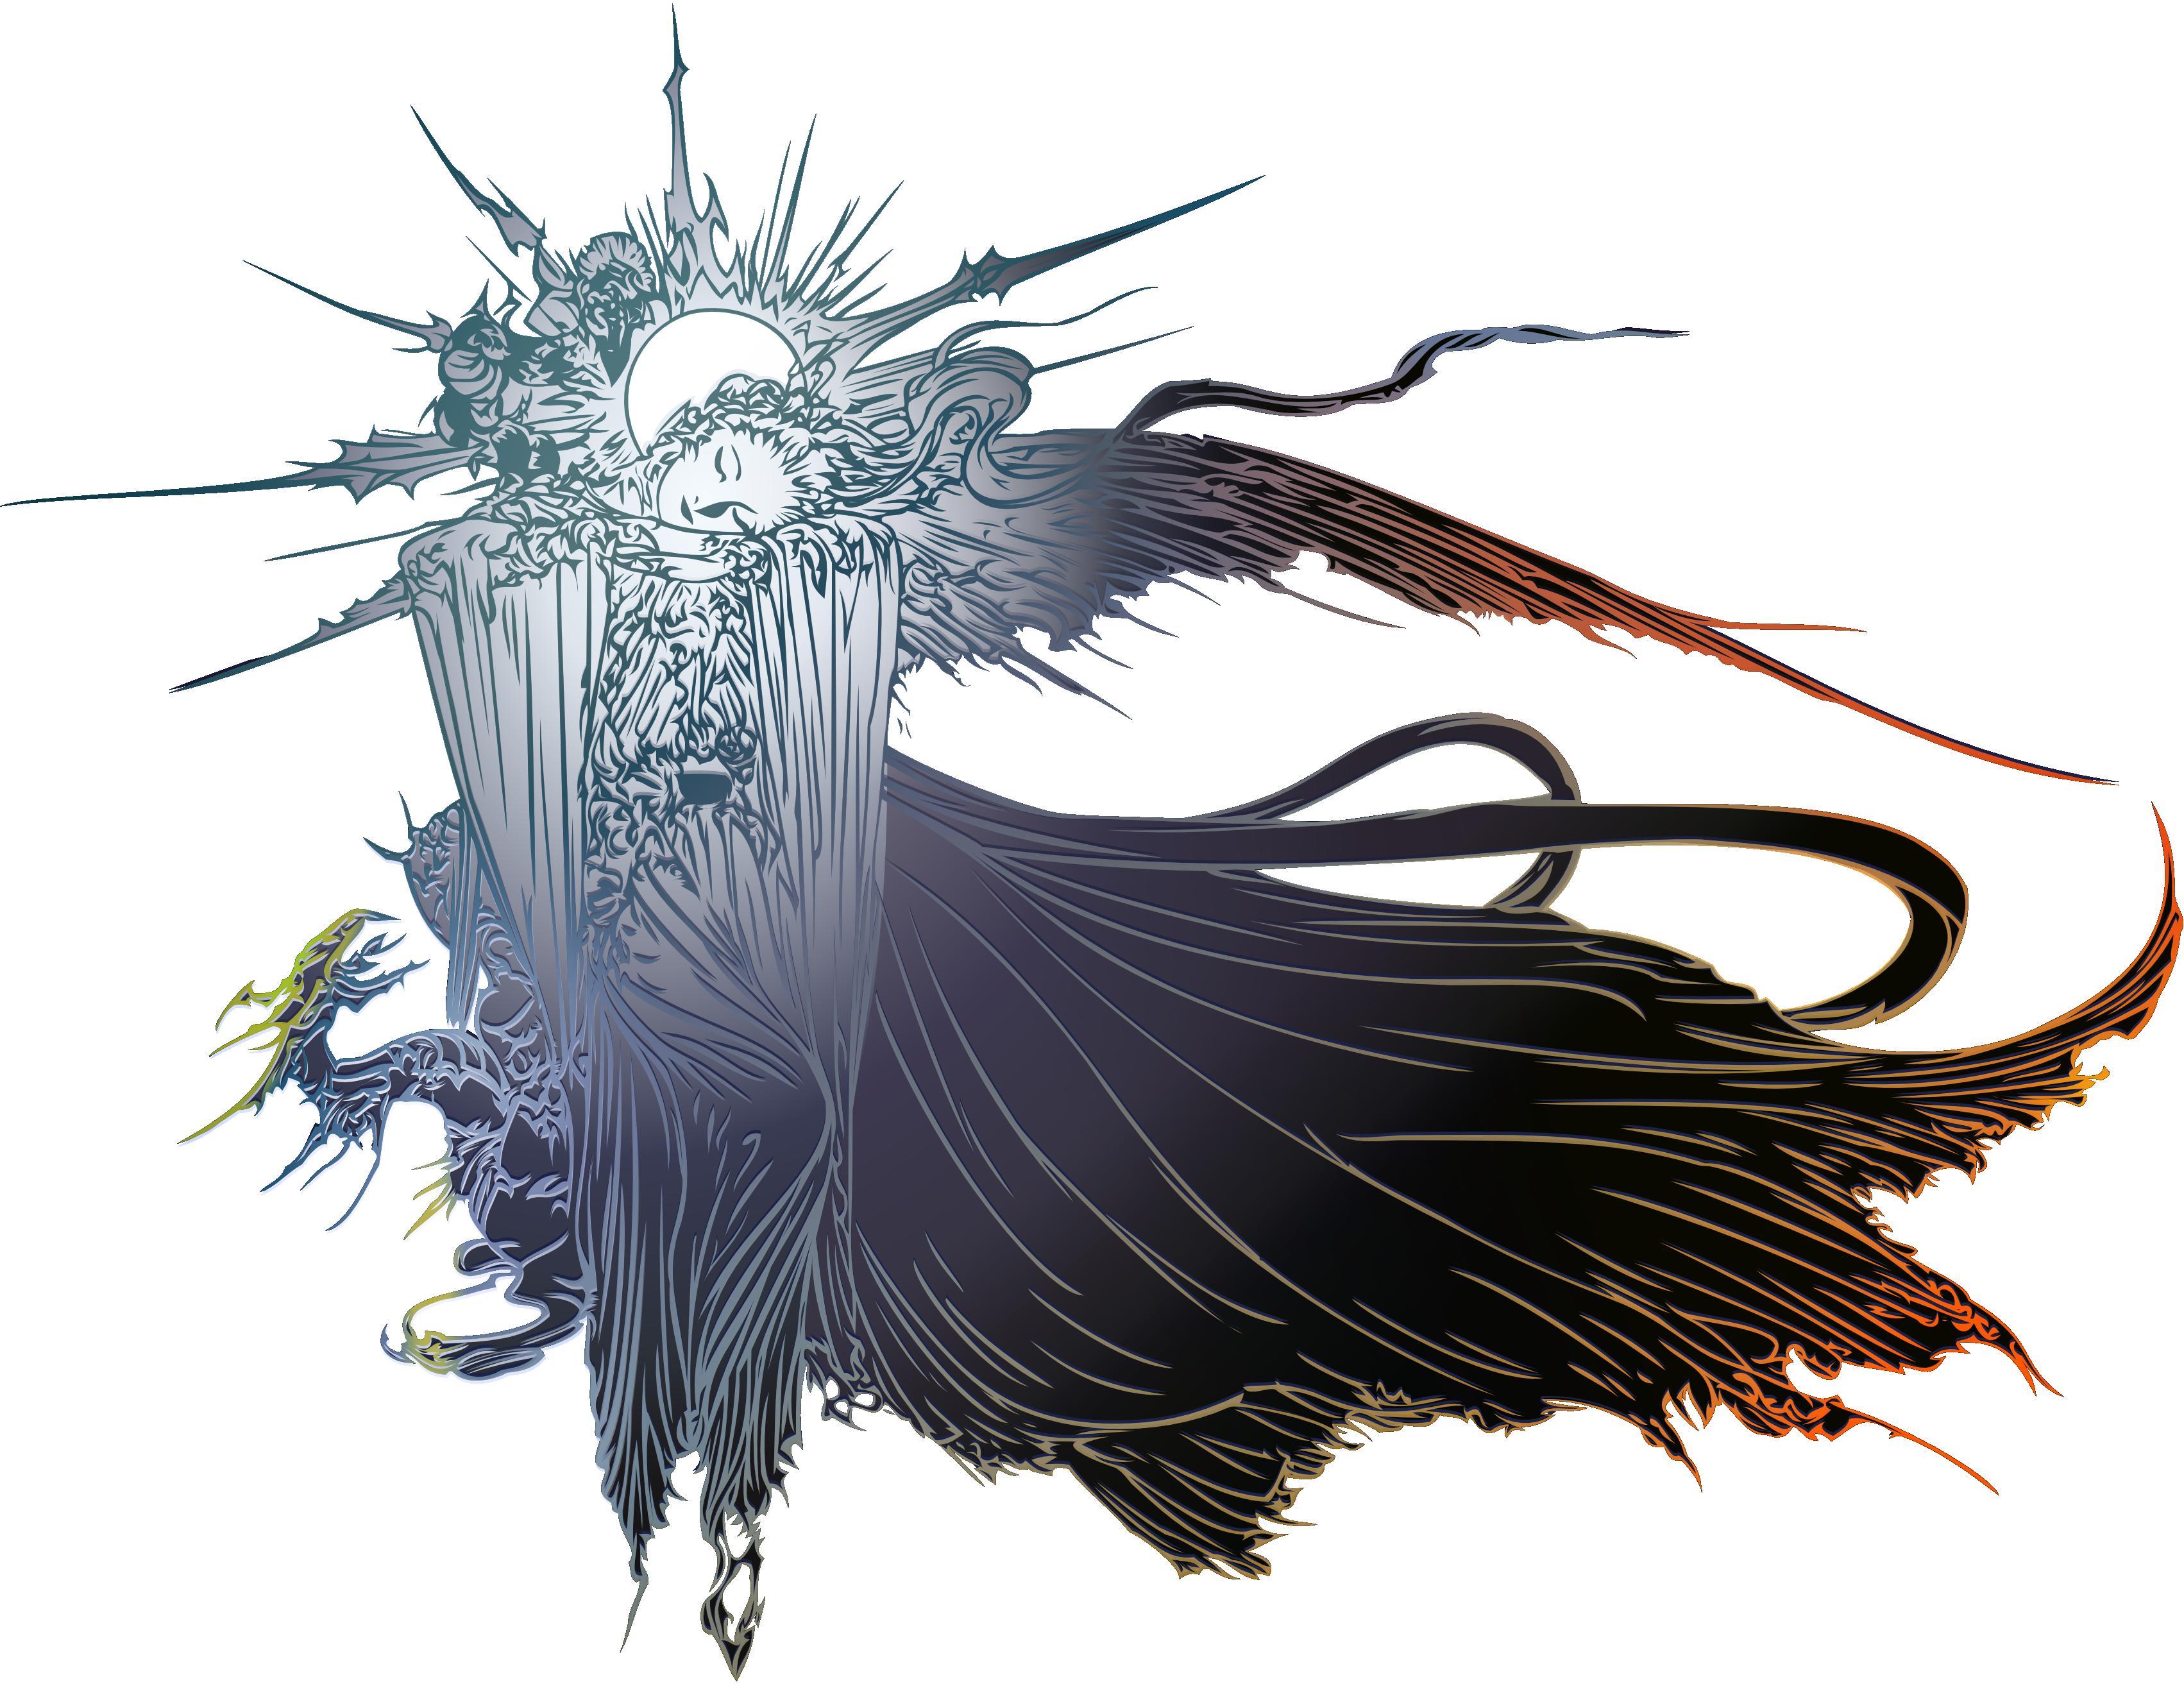 Final Fantasy Xv Logo By Eldi13 On Deviantart Illustrazioni Disegni Videogiochi